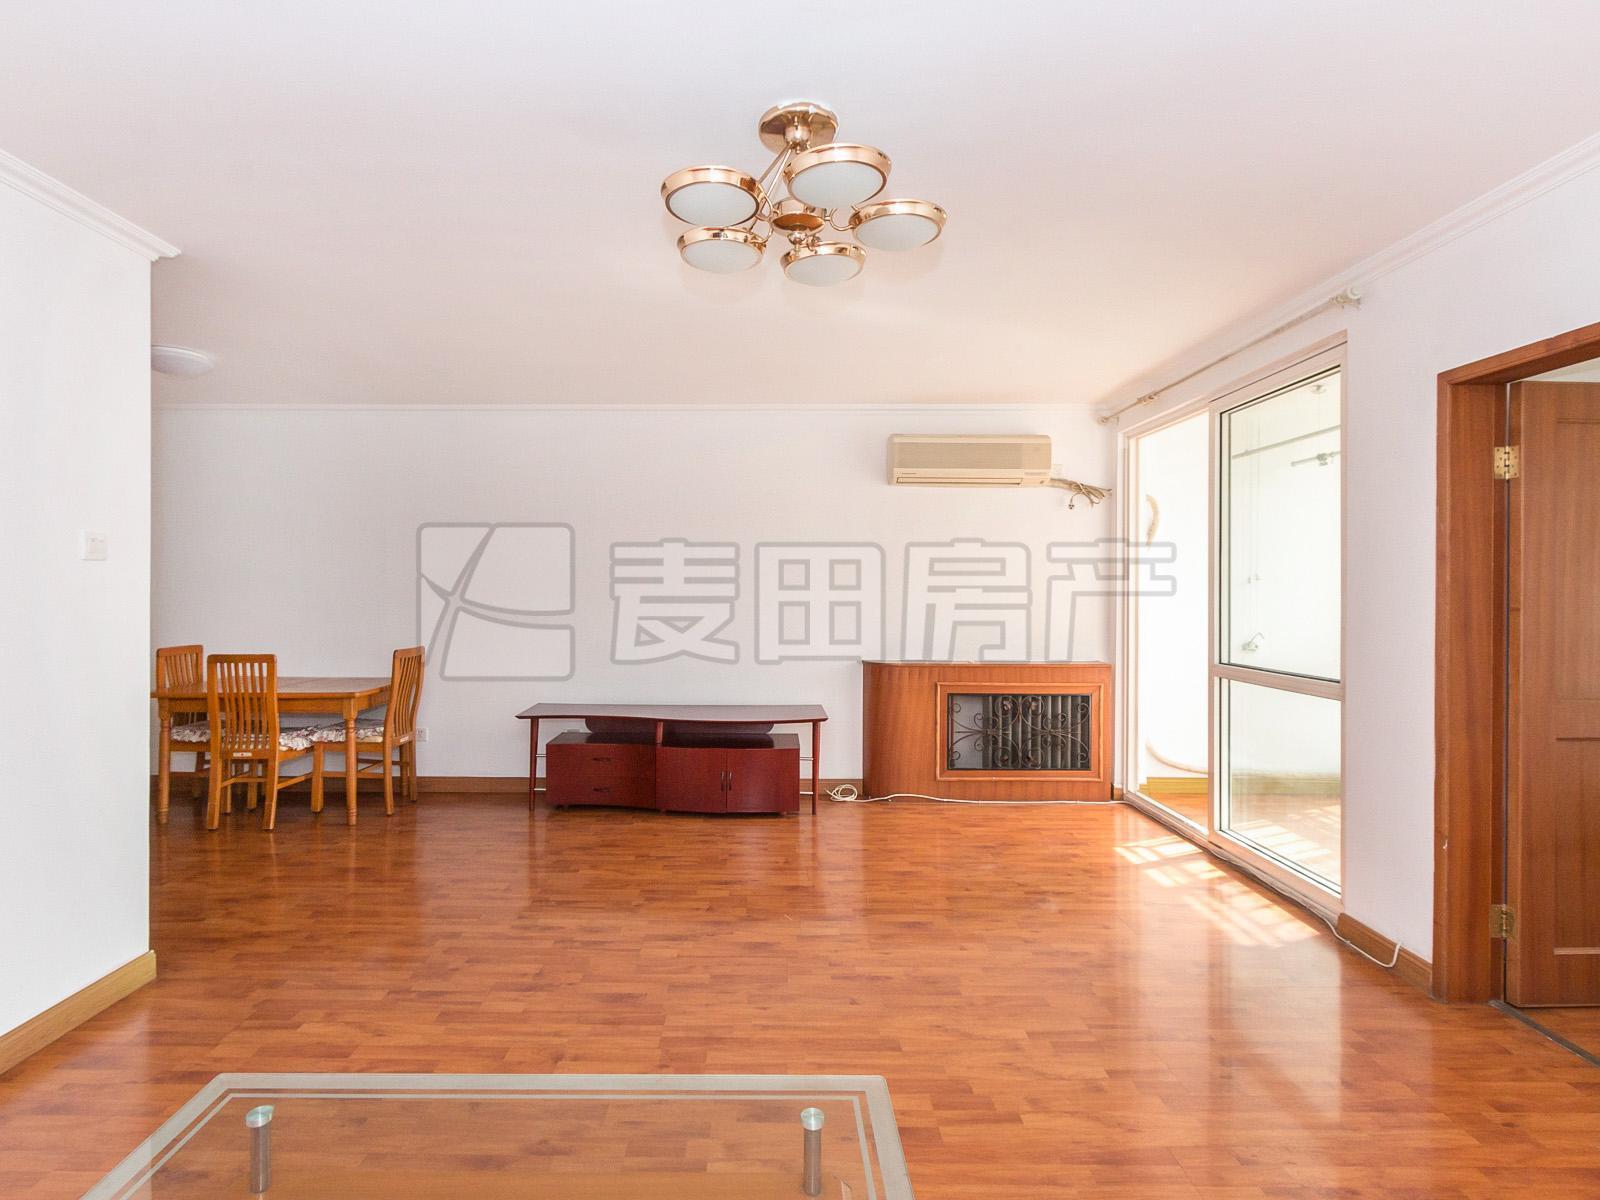 5层两居室+南北通透+落地窗+采光充足+繁华地段+看房方便